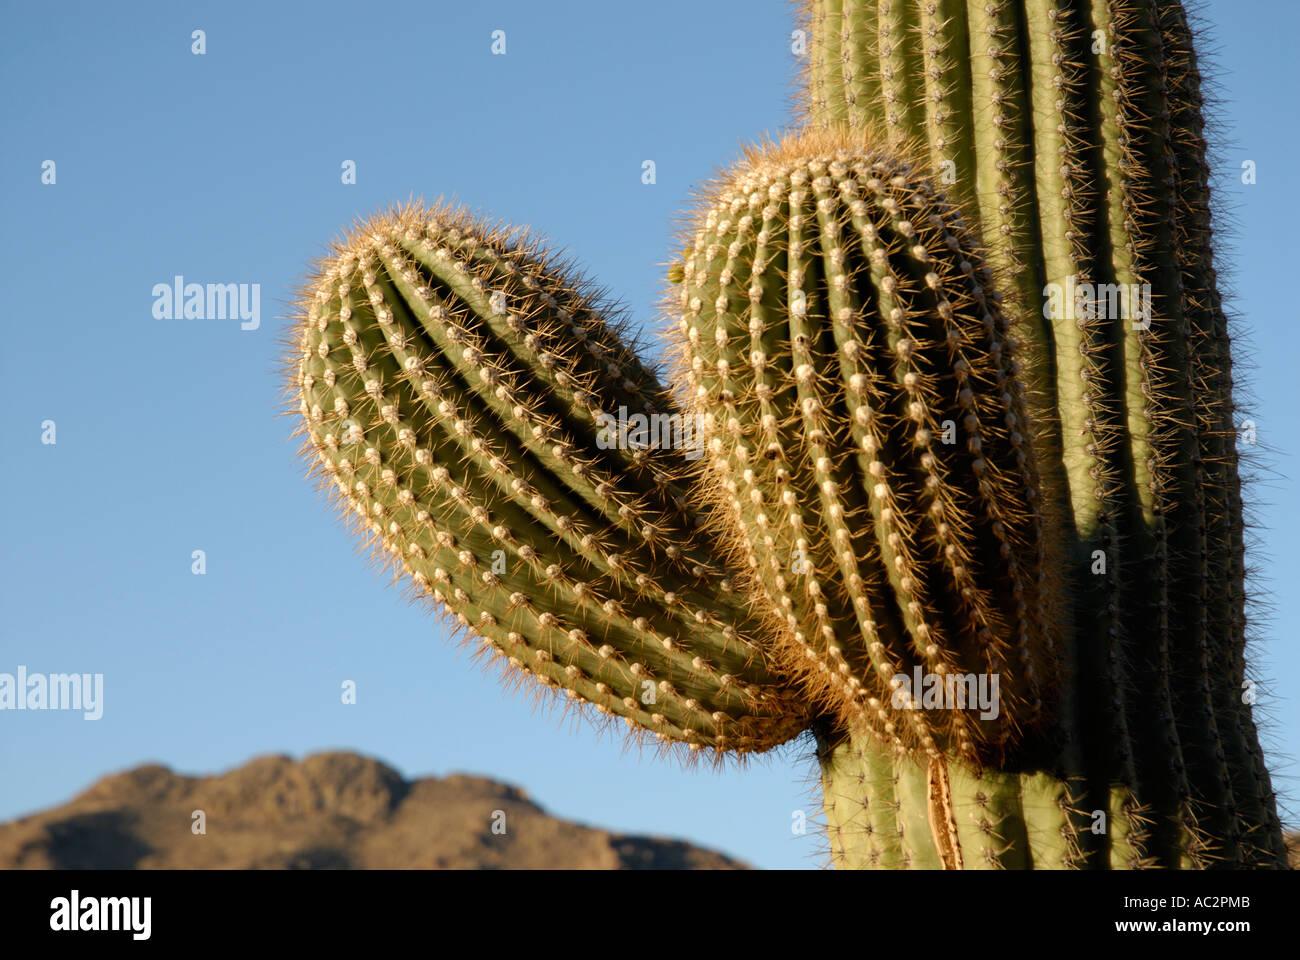 Cactus Saguaro, Carnegiea gigantea, con dos pequeños brazos nuevos, fondo de montaña, el cielo azul, el Sonoran Desert, sudoeste de EE.UU. Imagen De Stock